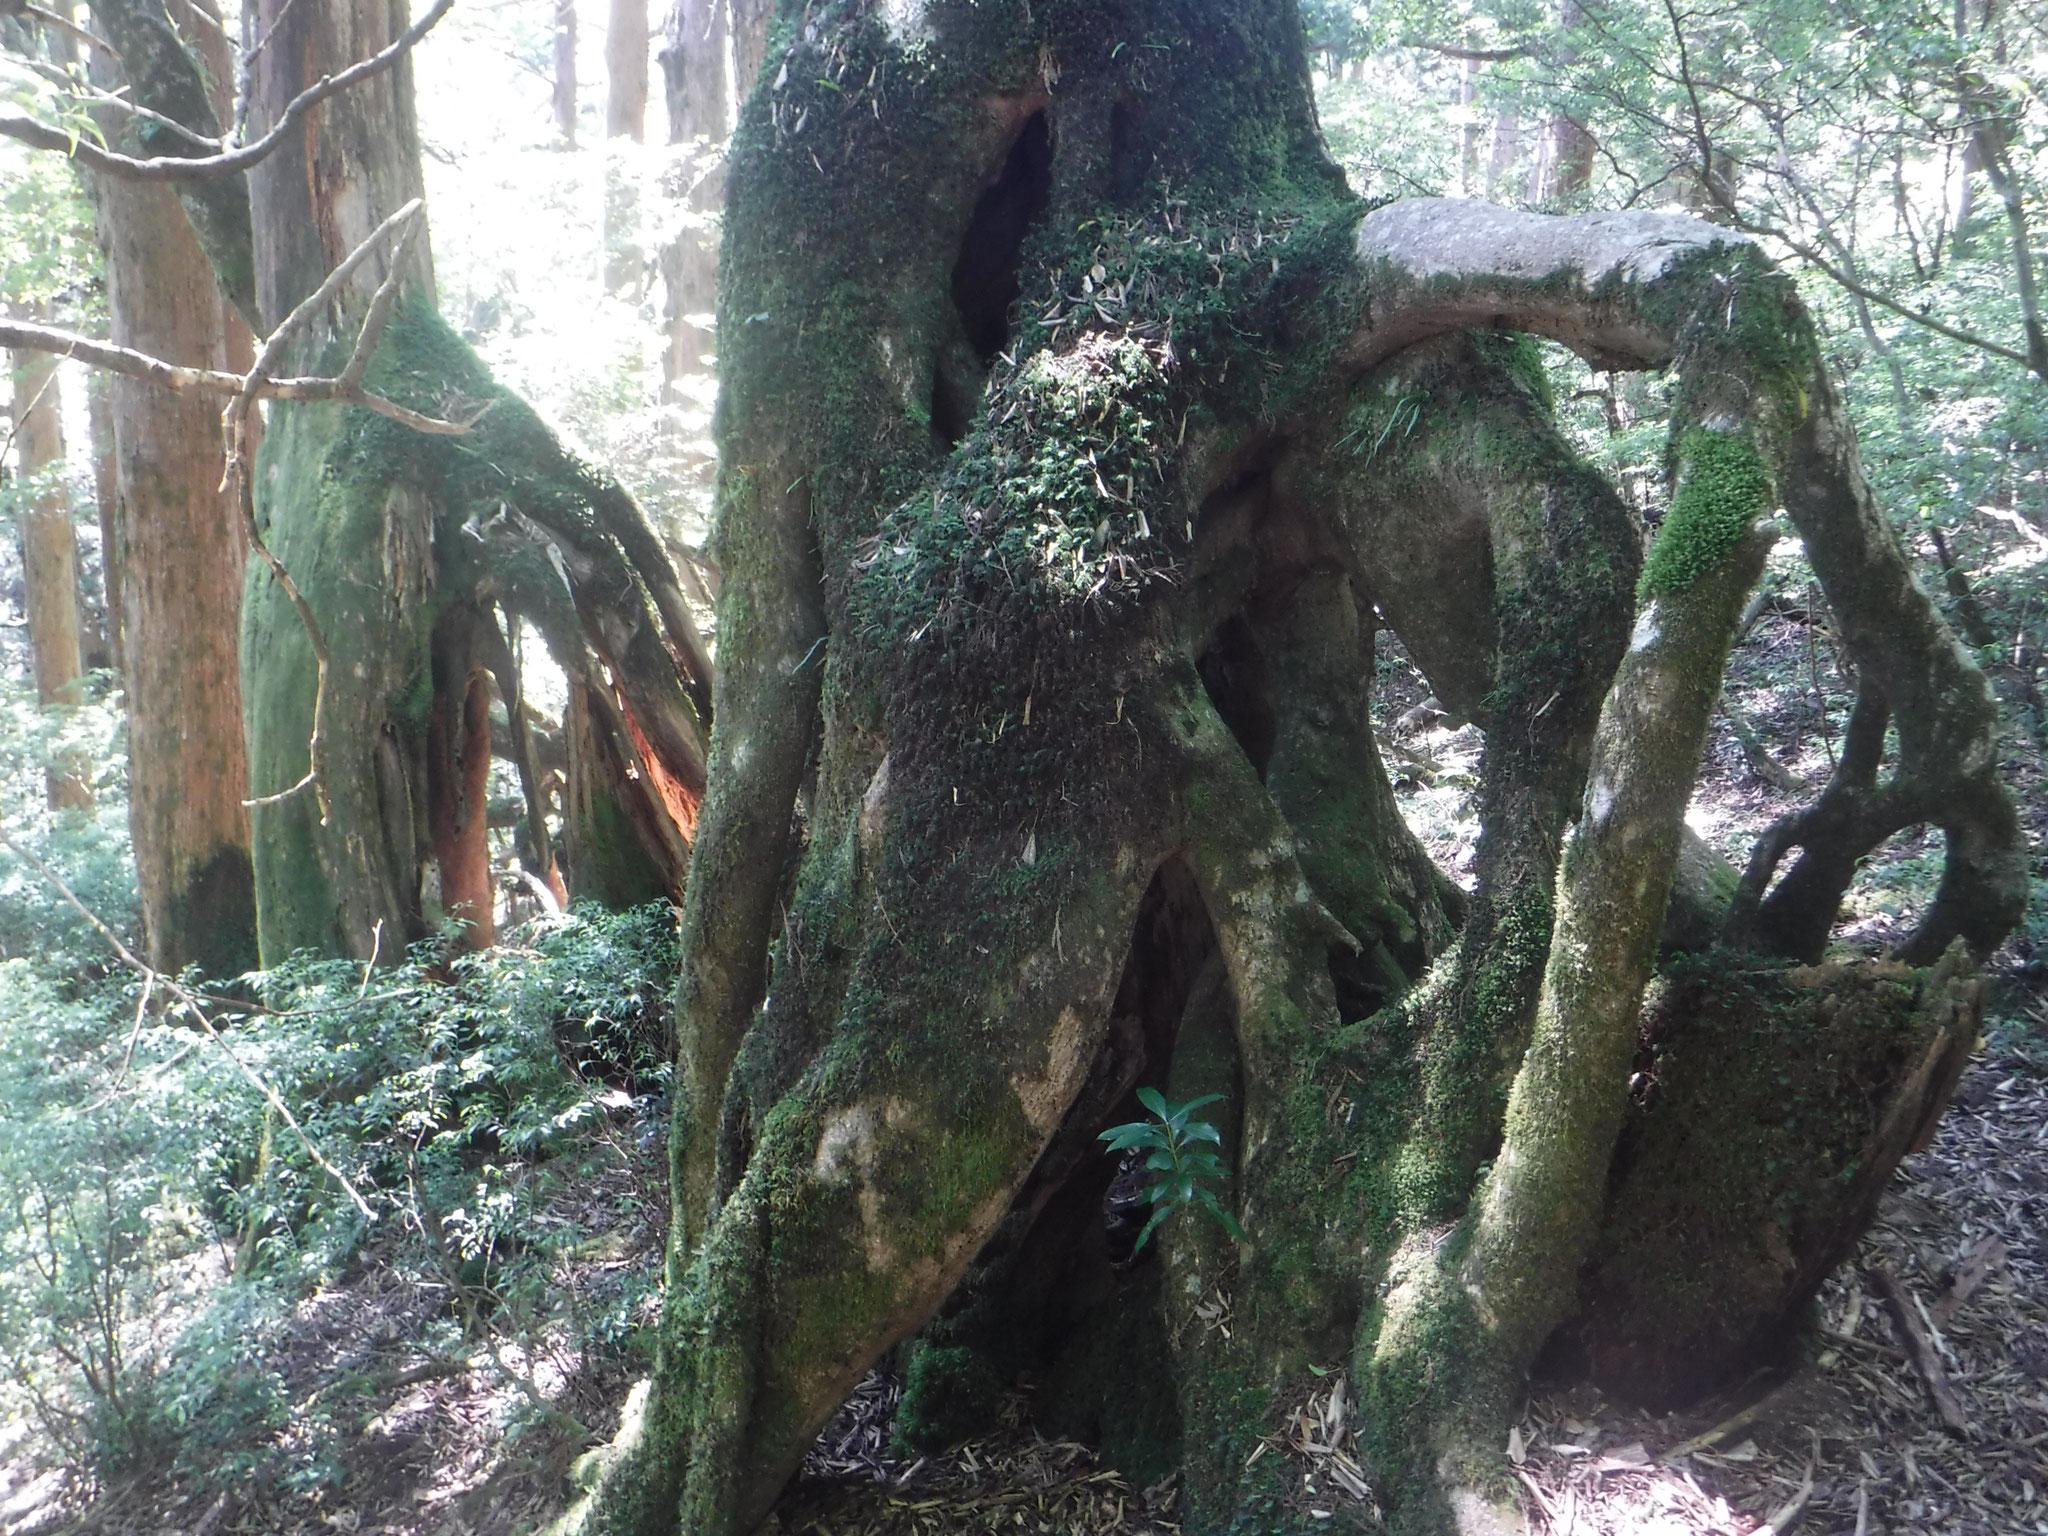 奇怪な樹木の形態